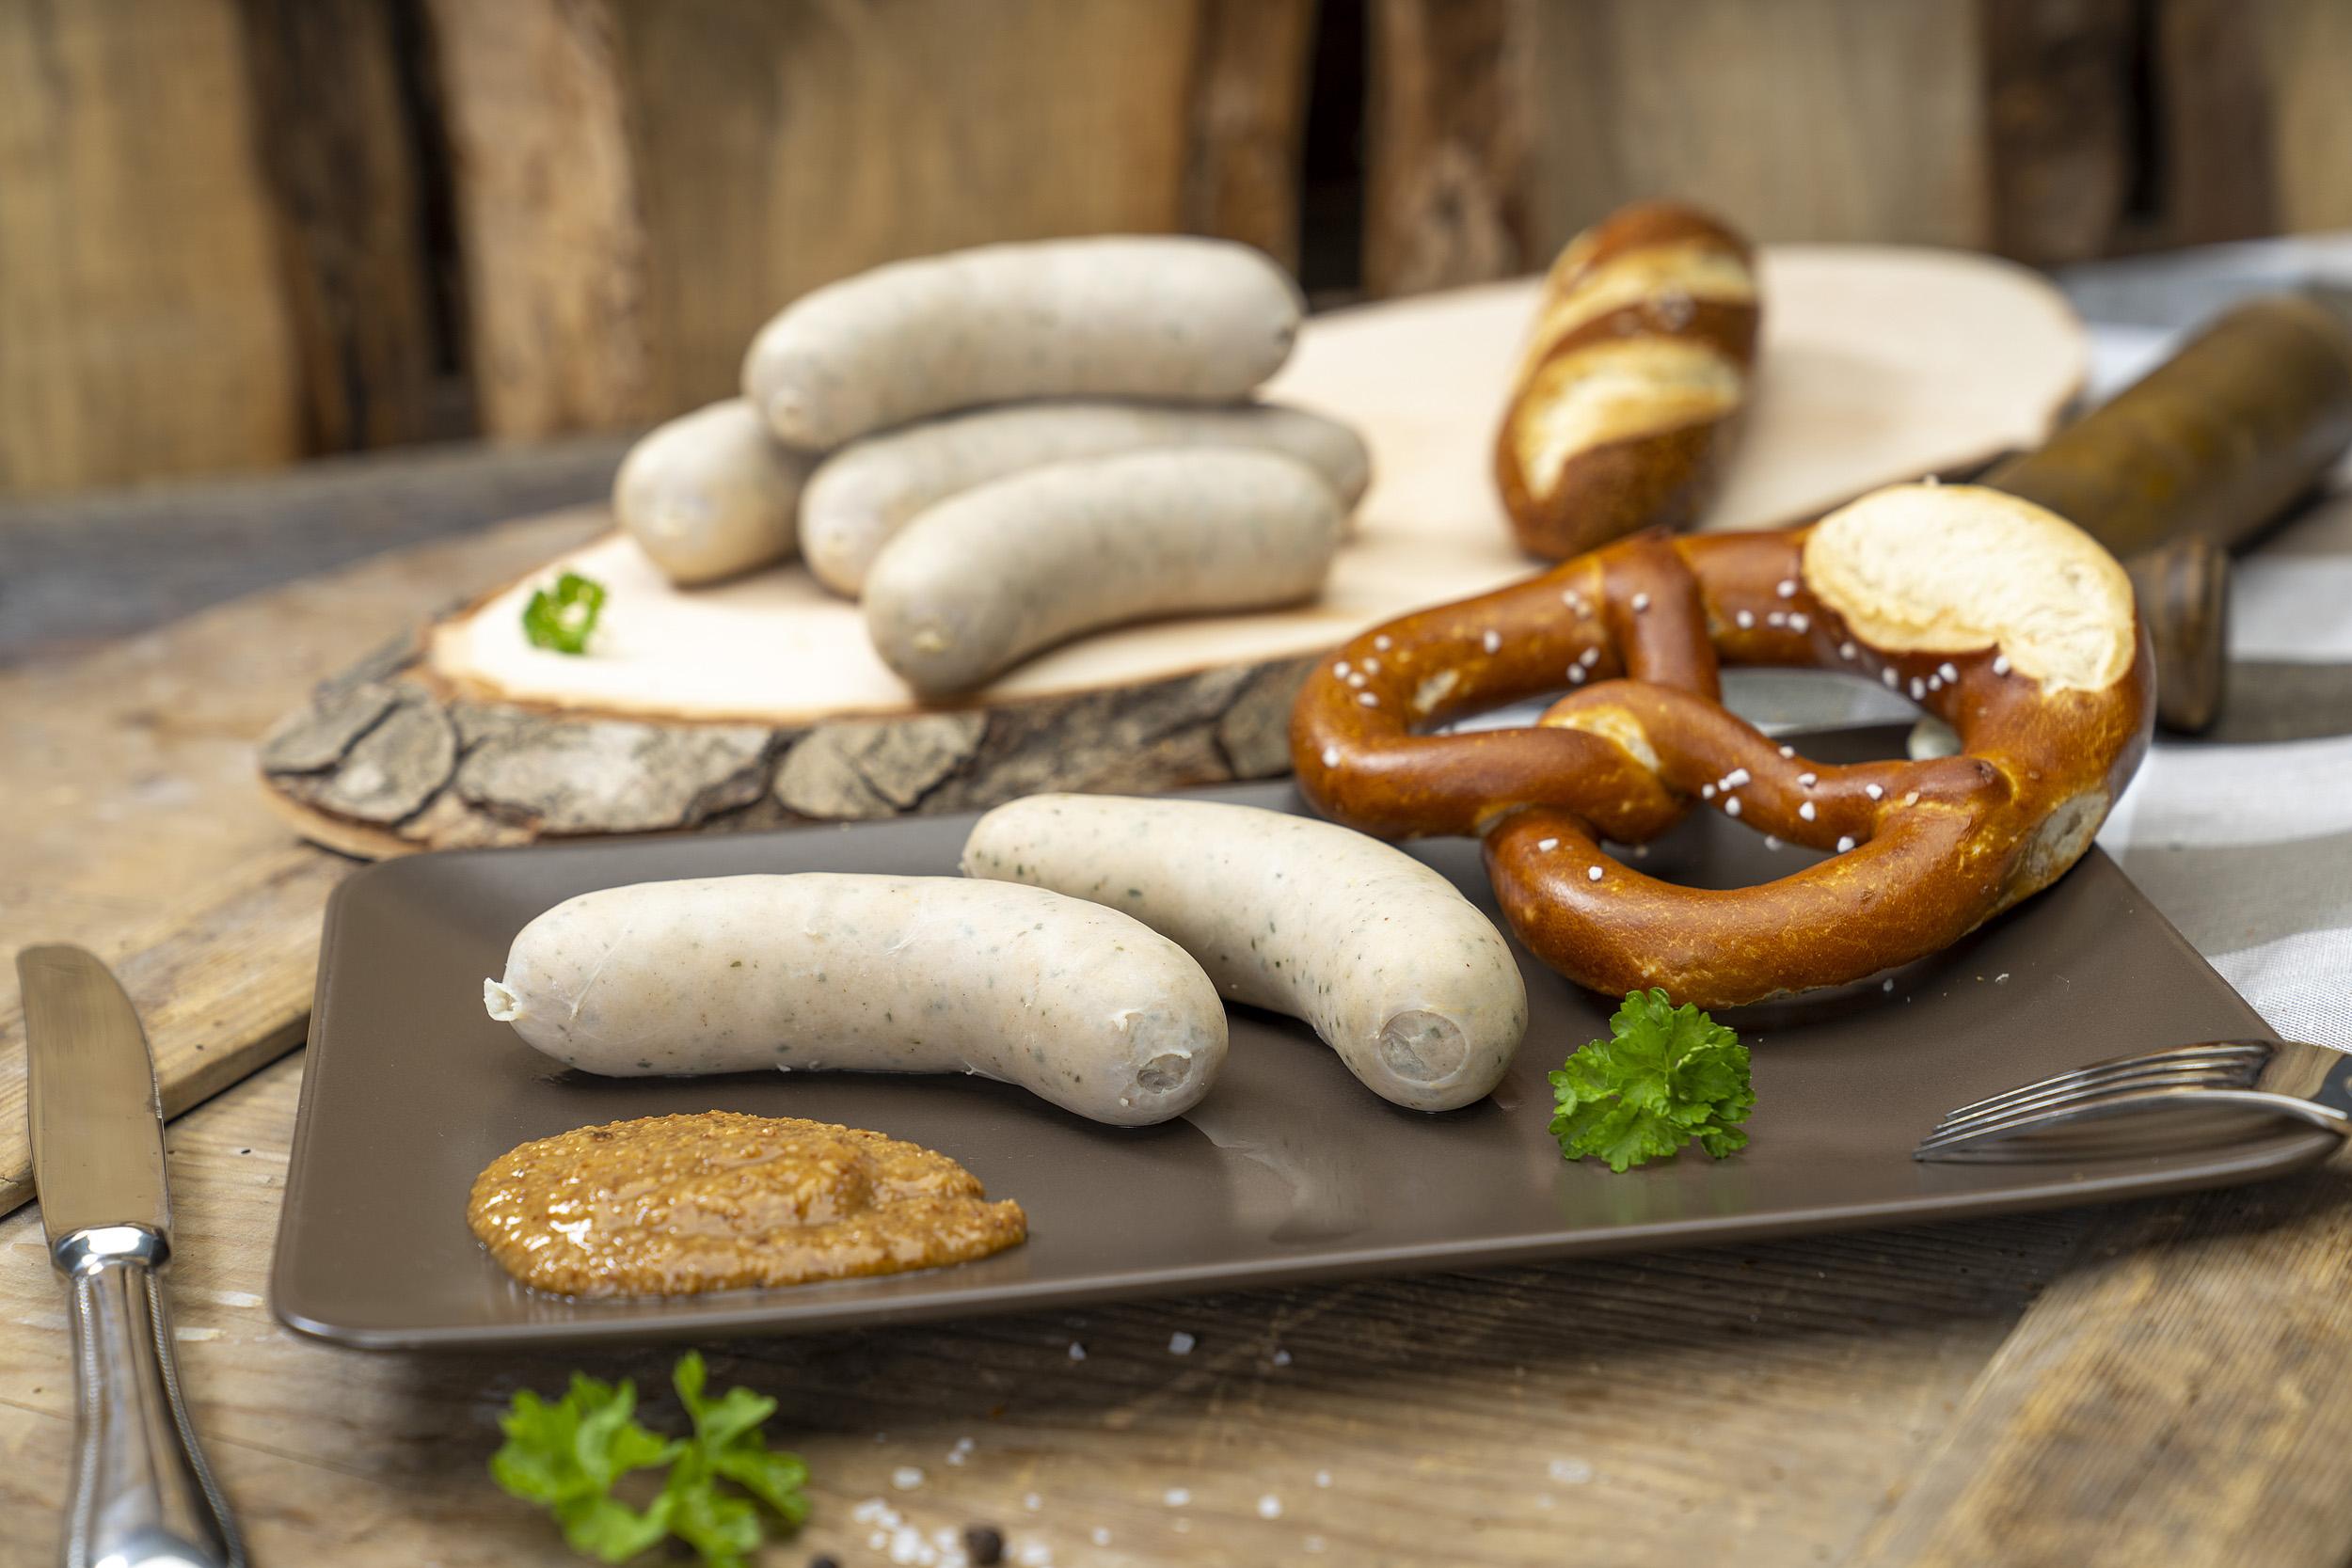 Zwei Weißwürste, eine Brezel und süßer Senf auf einem Teller. Im Hintergrund weitere Würste der Fleischerei Fessel.